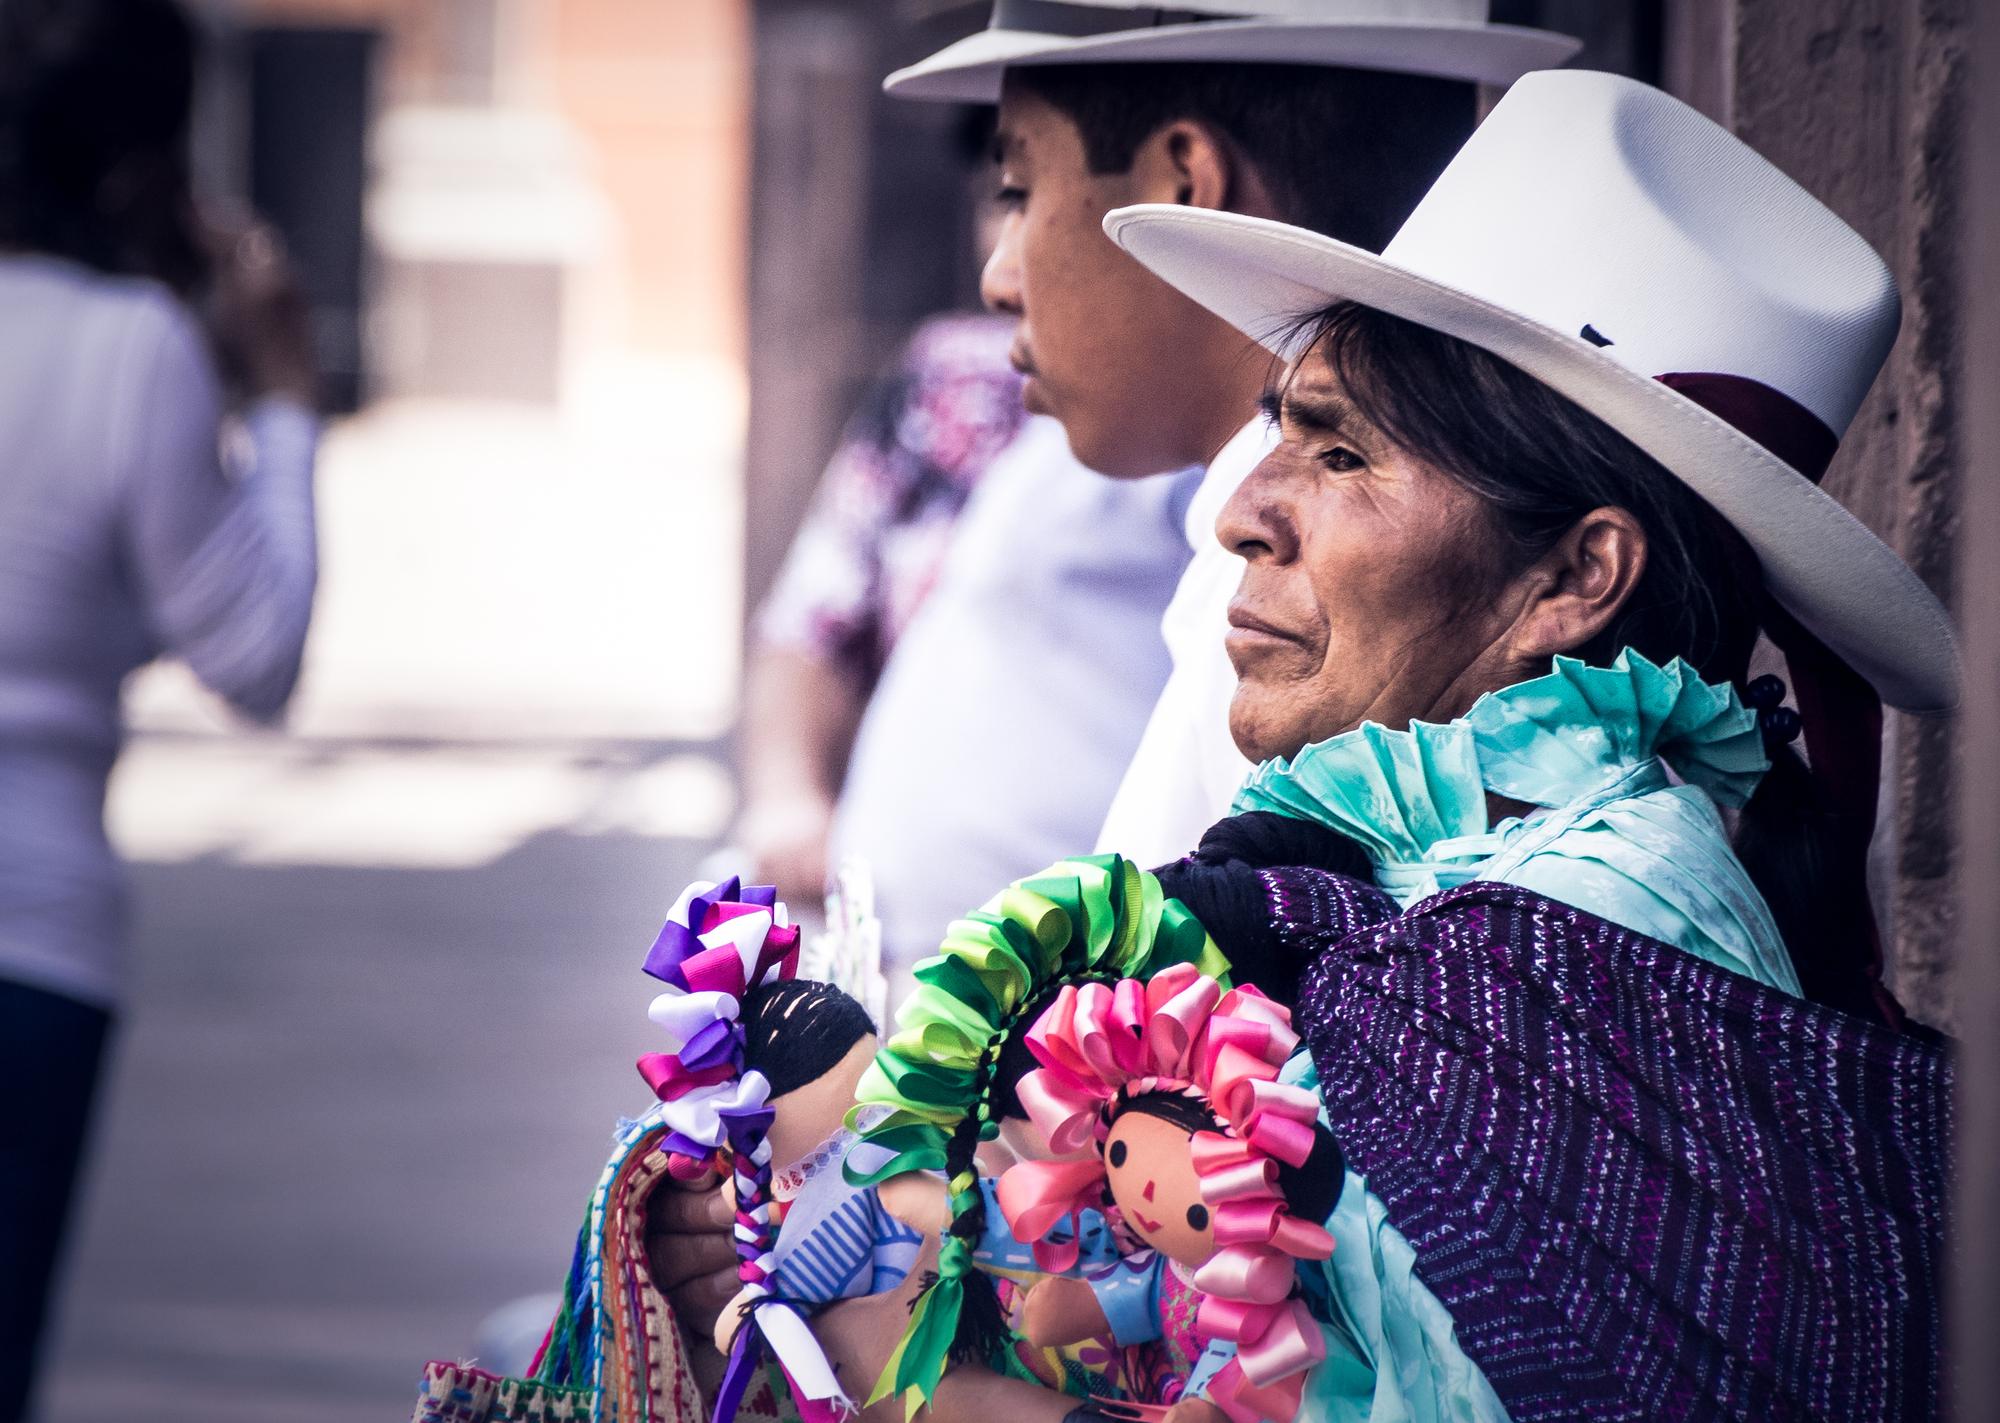 Ввыборке из 6300 уроженцев разных стран Латинской Америки самыми темнокожими оказались мексиканцы. Нафото: мексиканка продаёт кукол ручной работы.